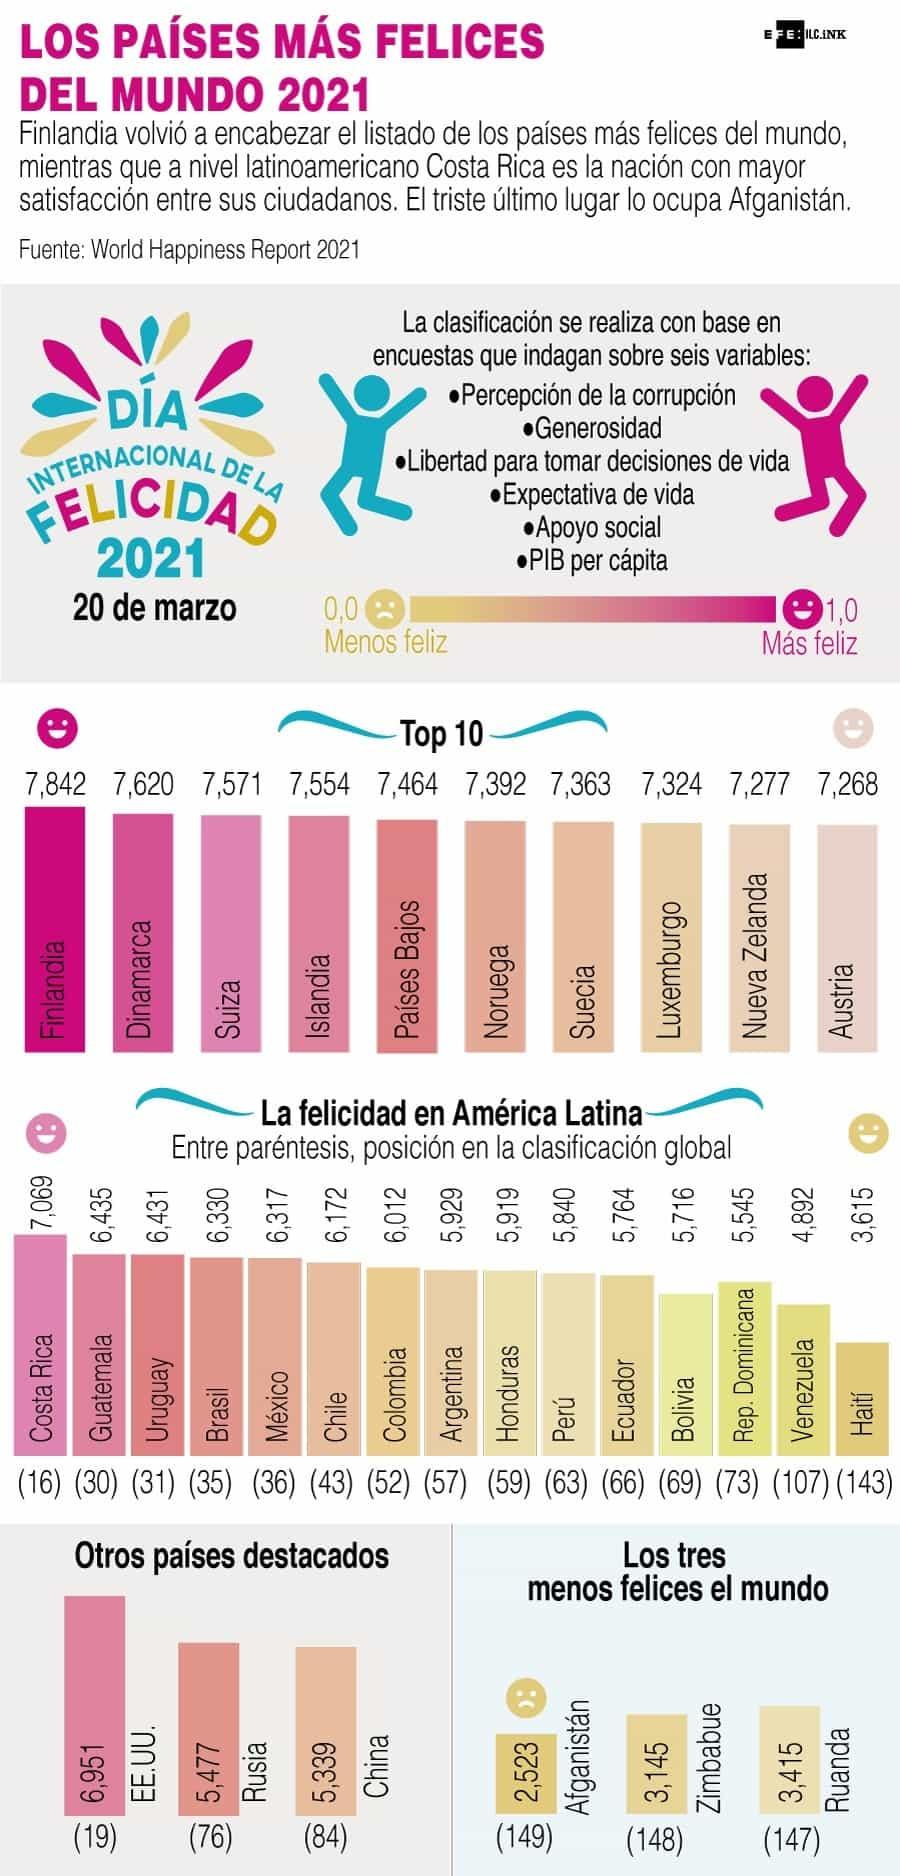 [Infografía] - Día de la felicidad - Los países más felices del mundo 2021 1